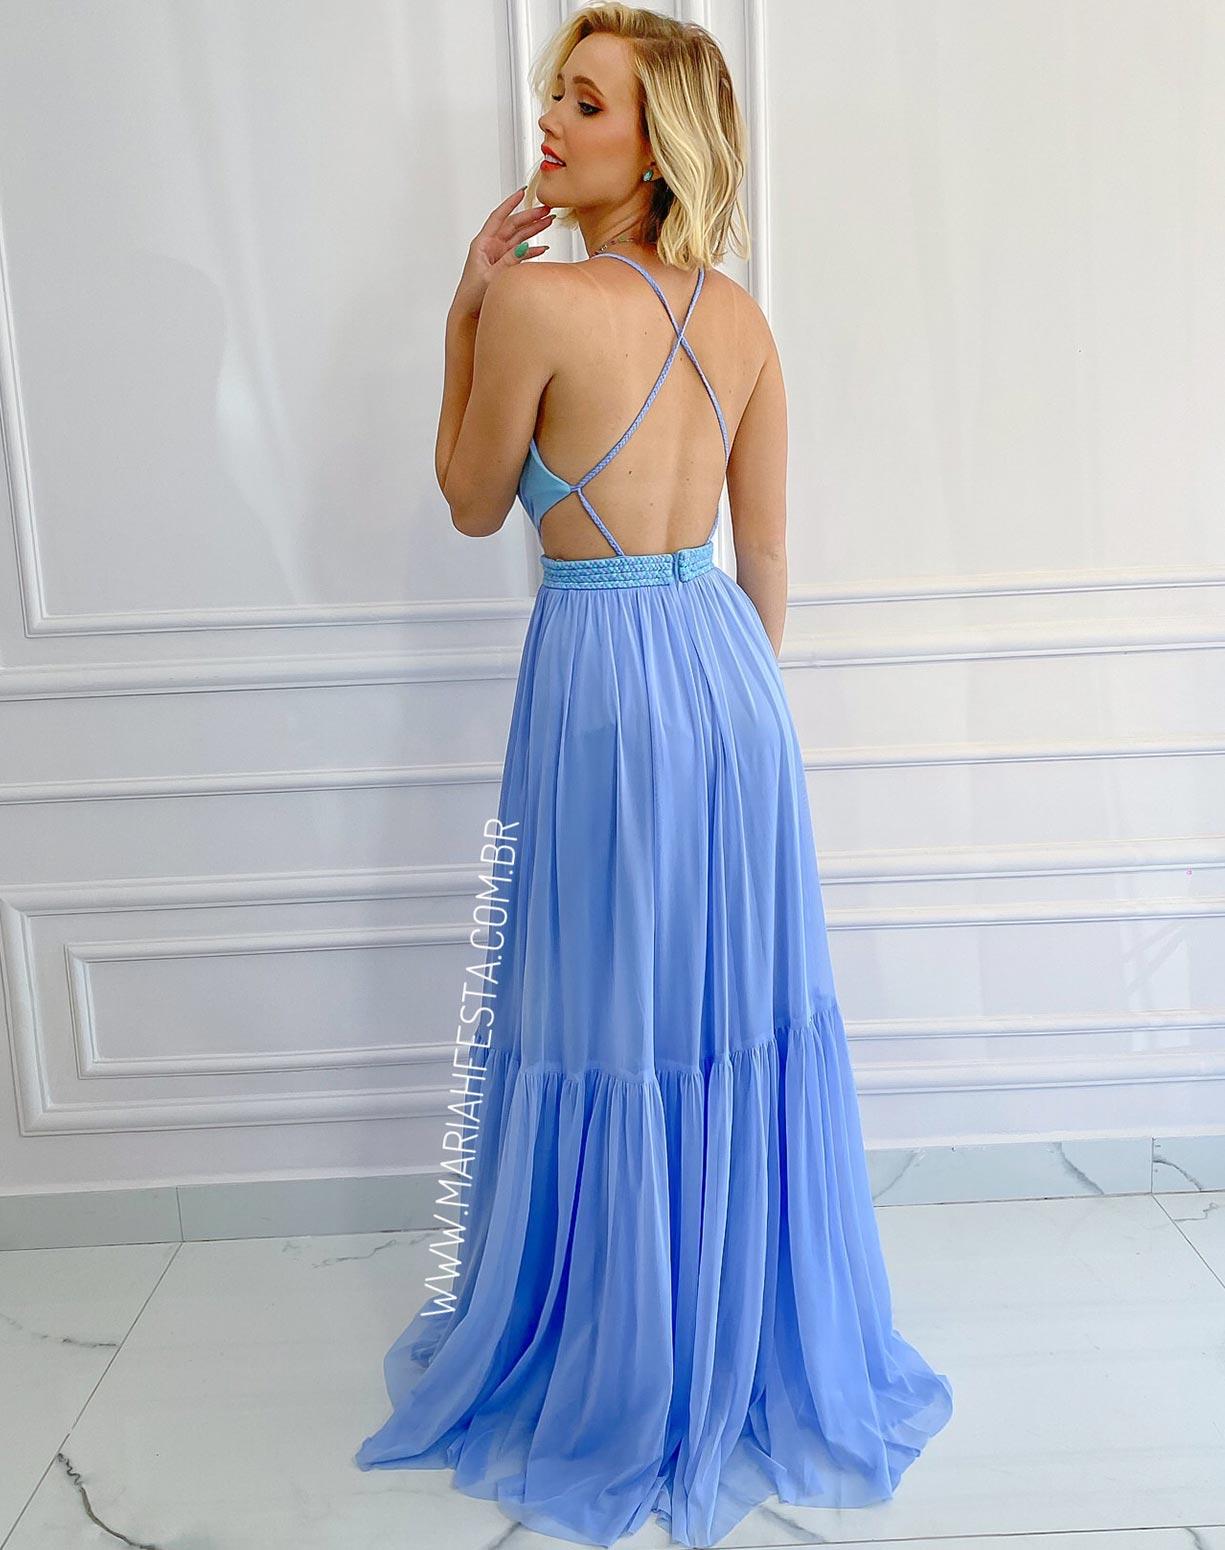 Vestido Azul Serenity  em Tule com Cinto em Macramê com detalhe Tiffany